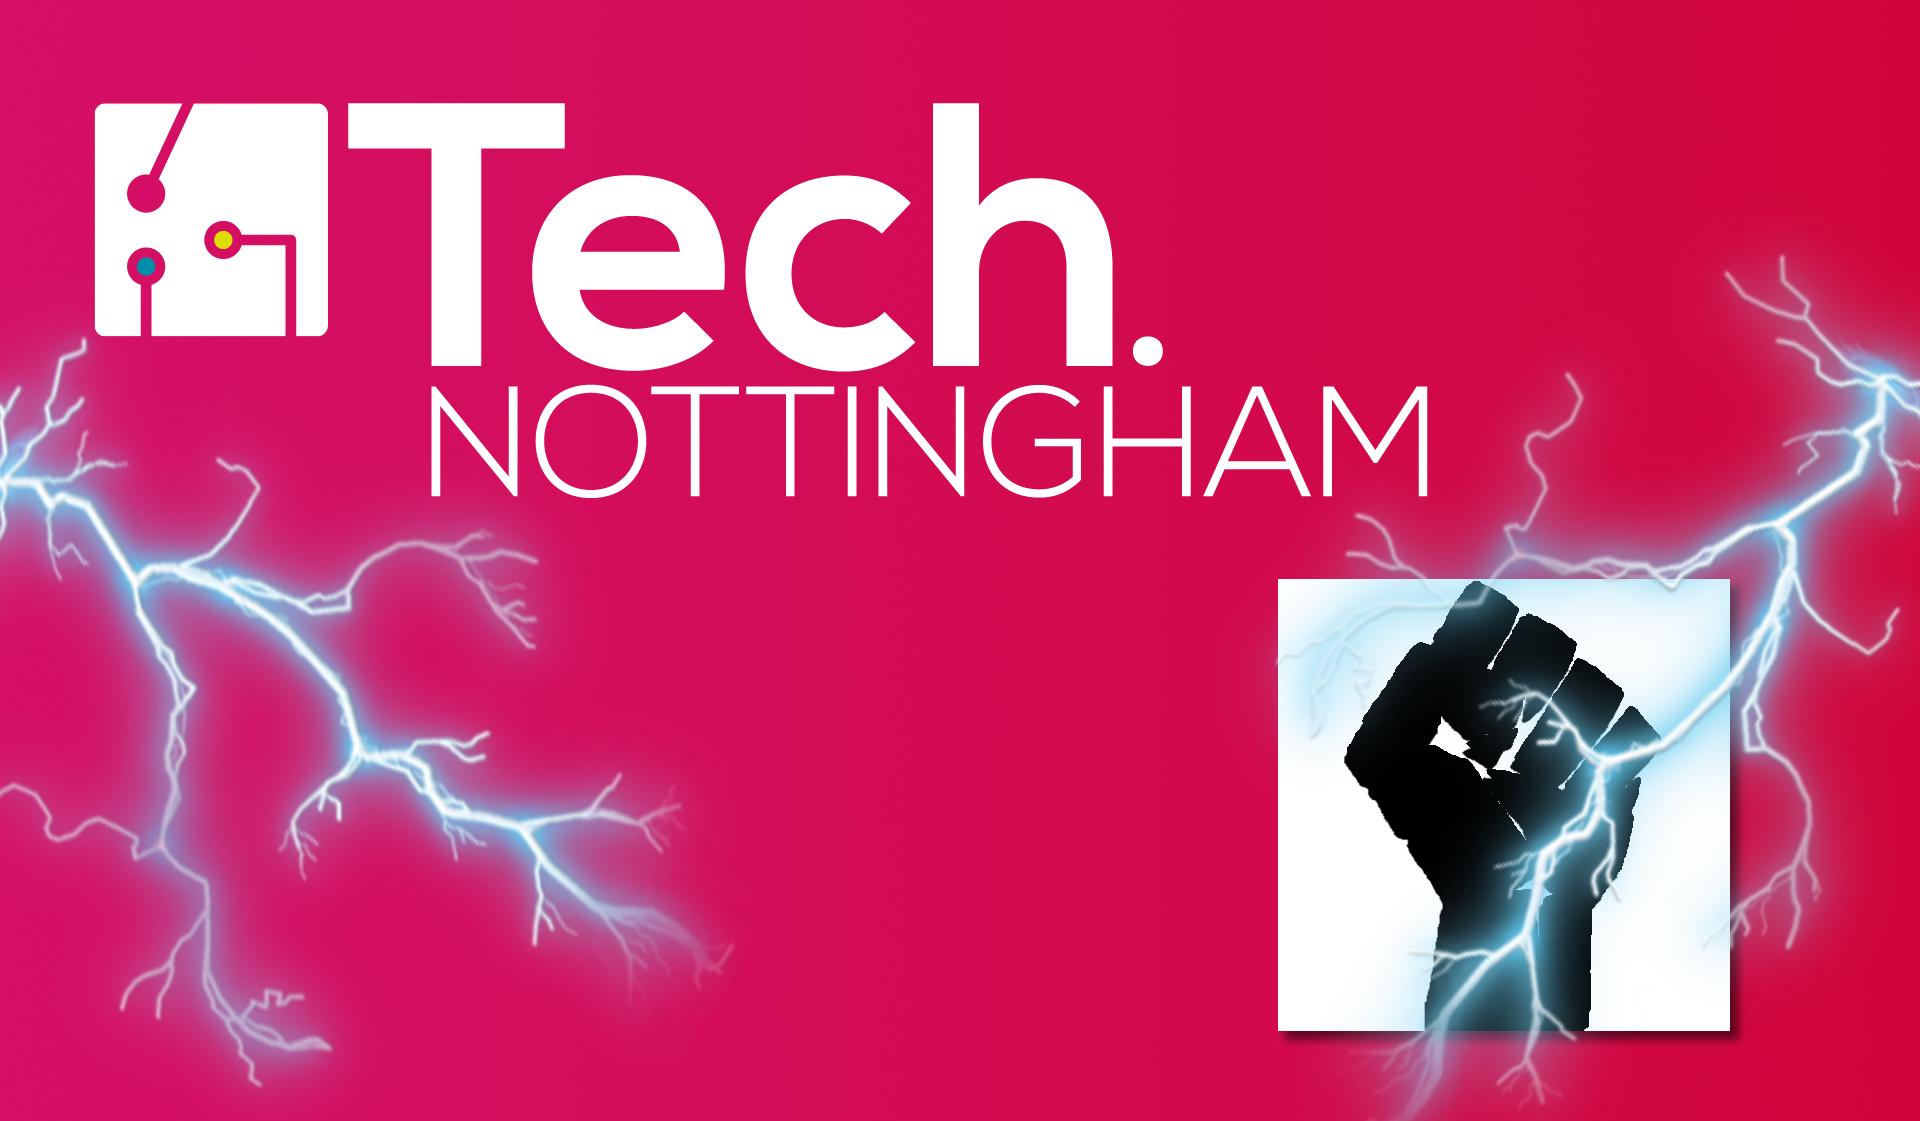 Tech-Nott-Lightning-talks-banner.png